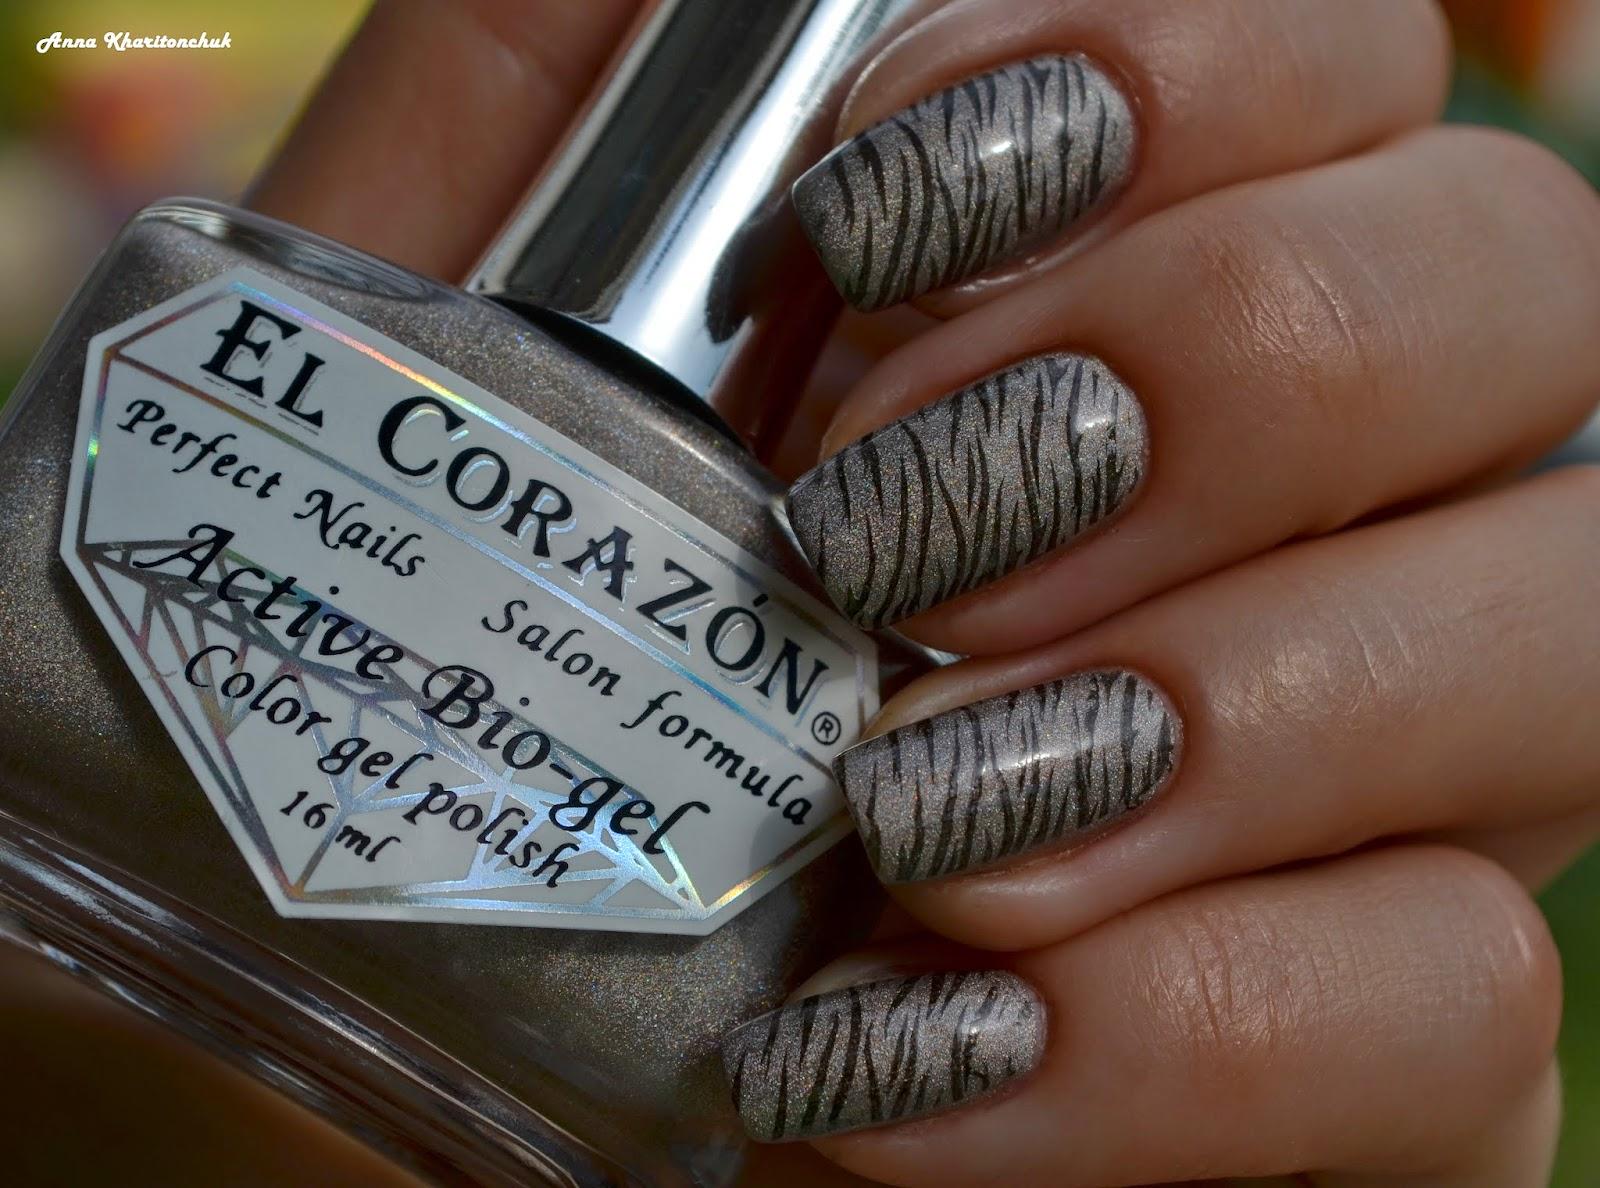 El Corazon 423/39 Prizma + стемпинг Lesly LS-118